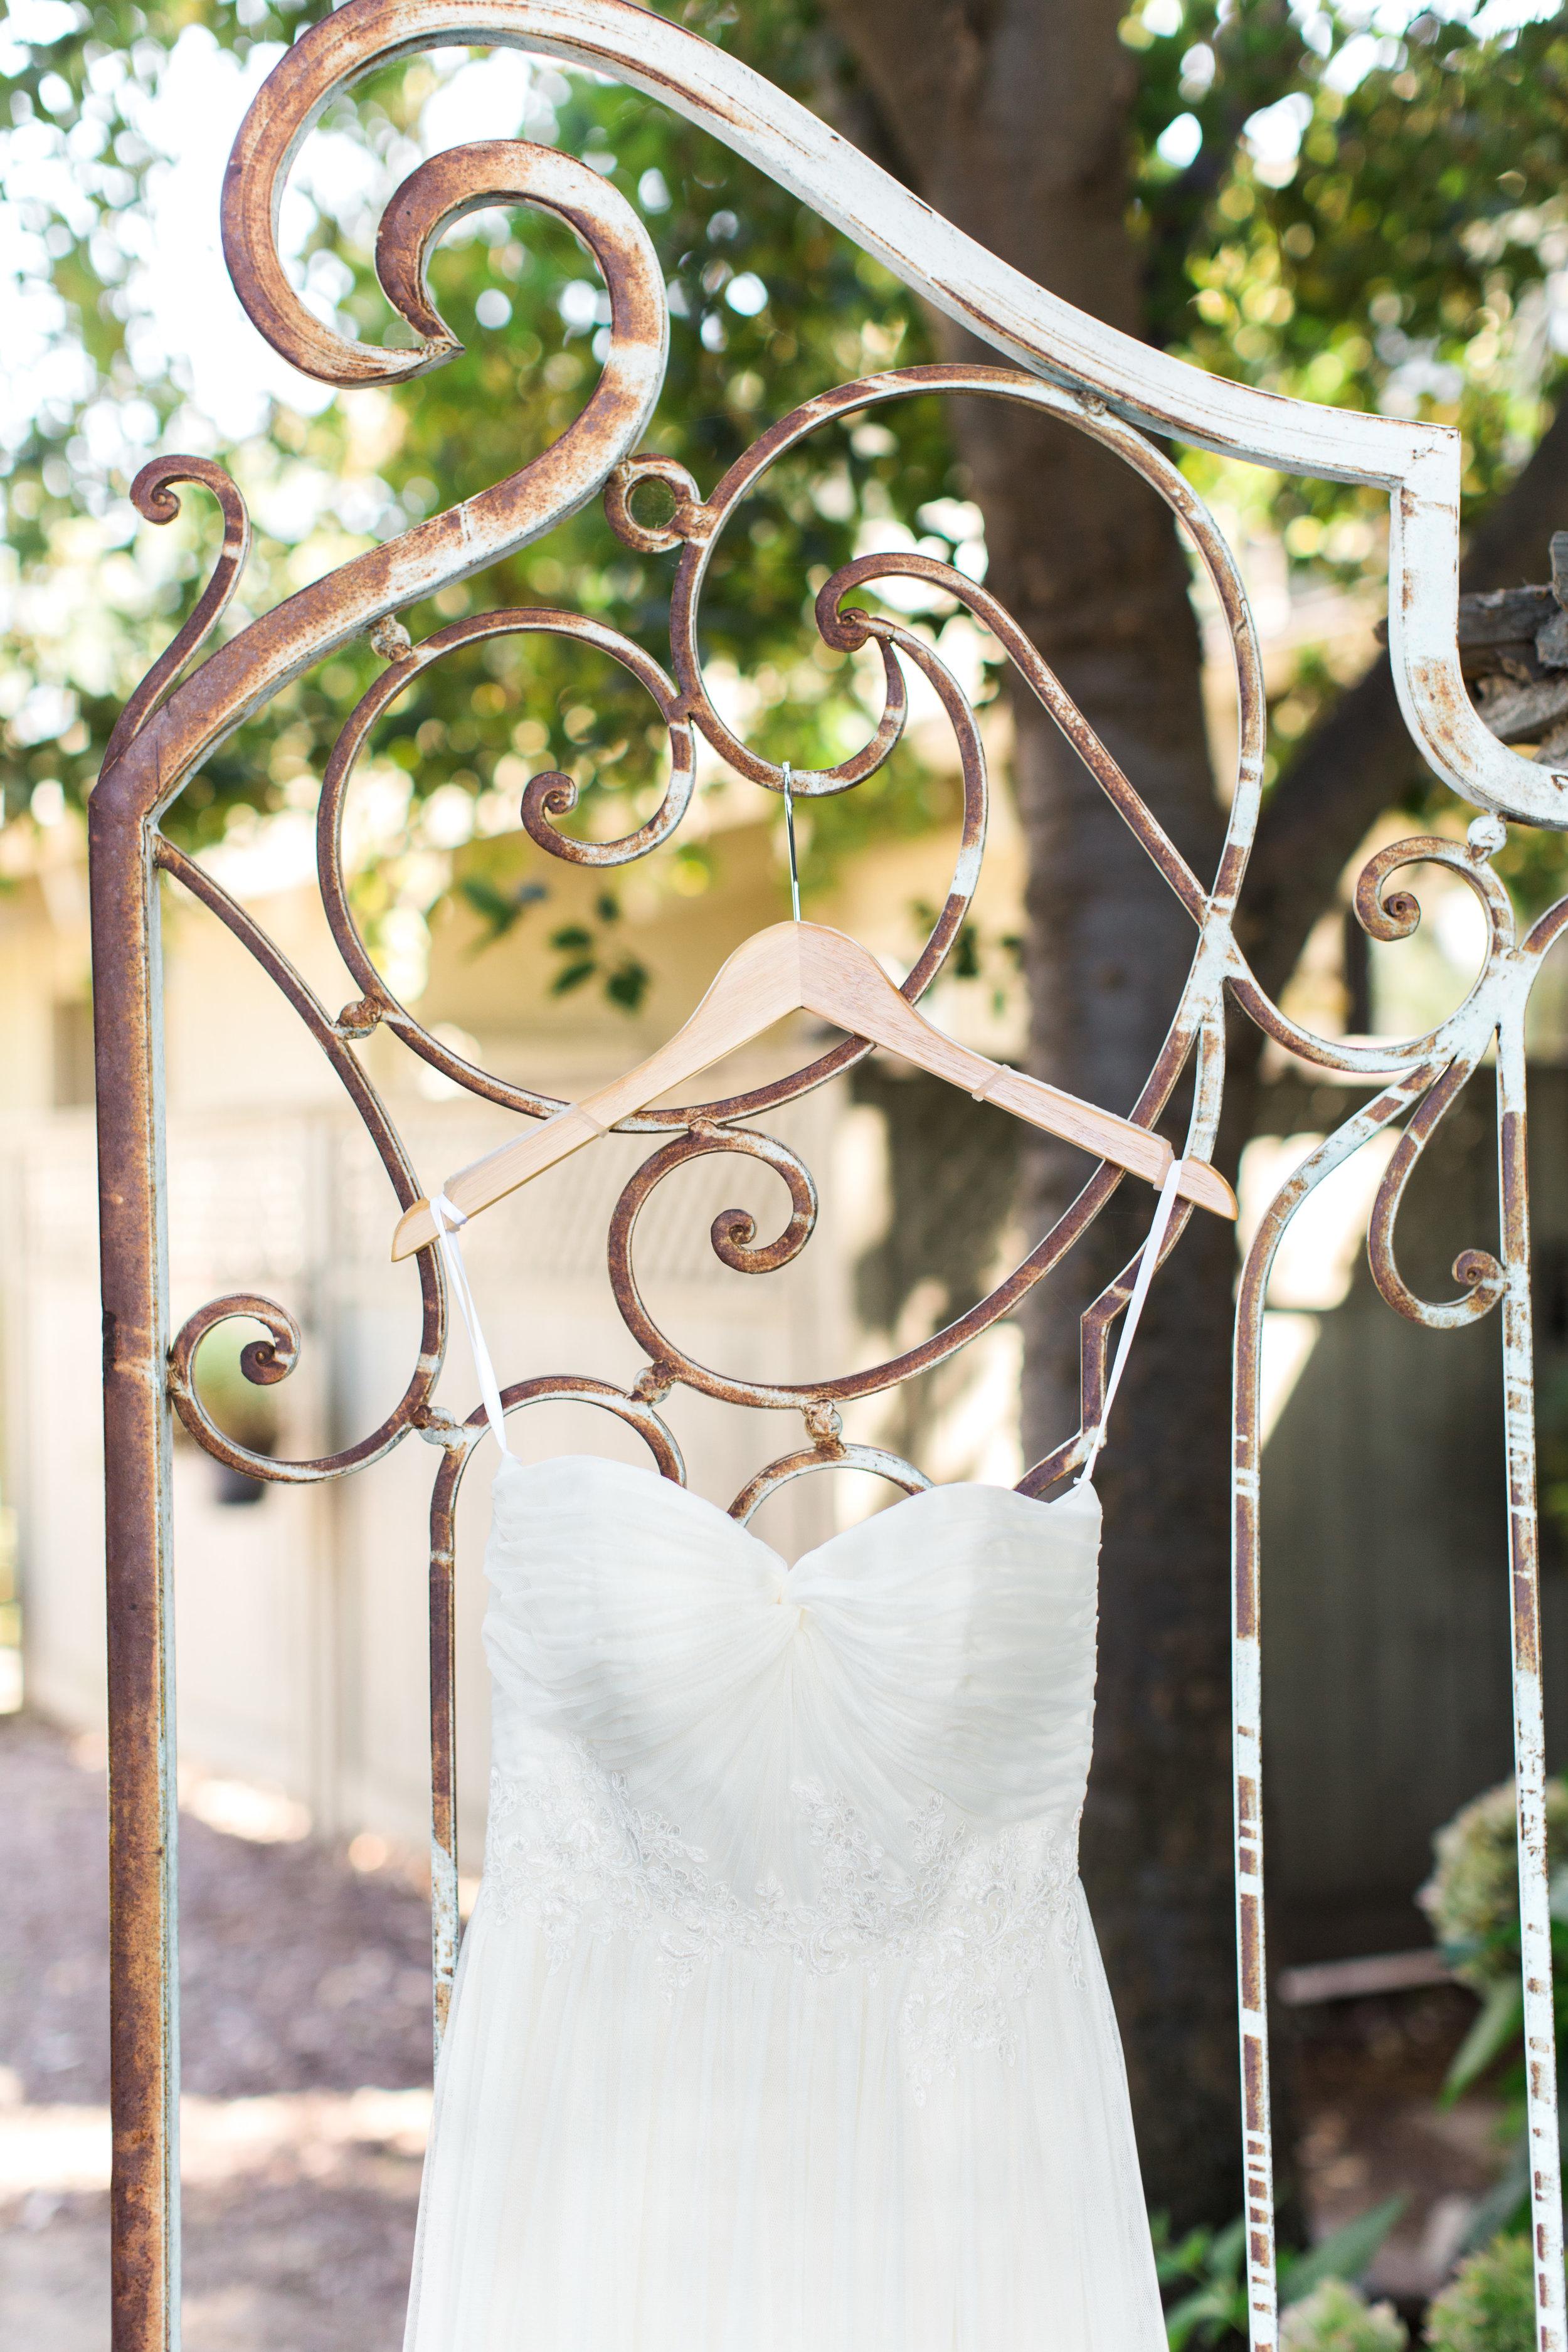 Mettler-family-vineyards-wedding-lodi-california-6190.jpg